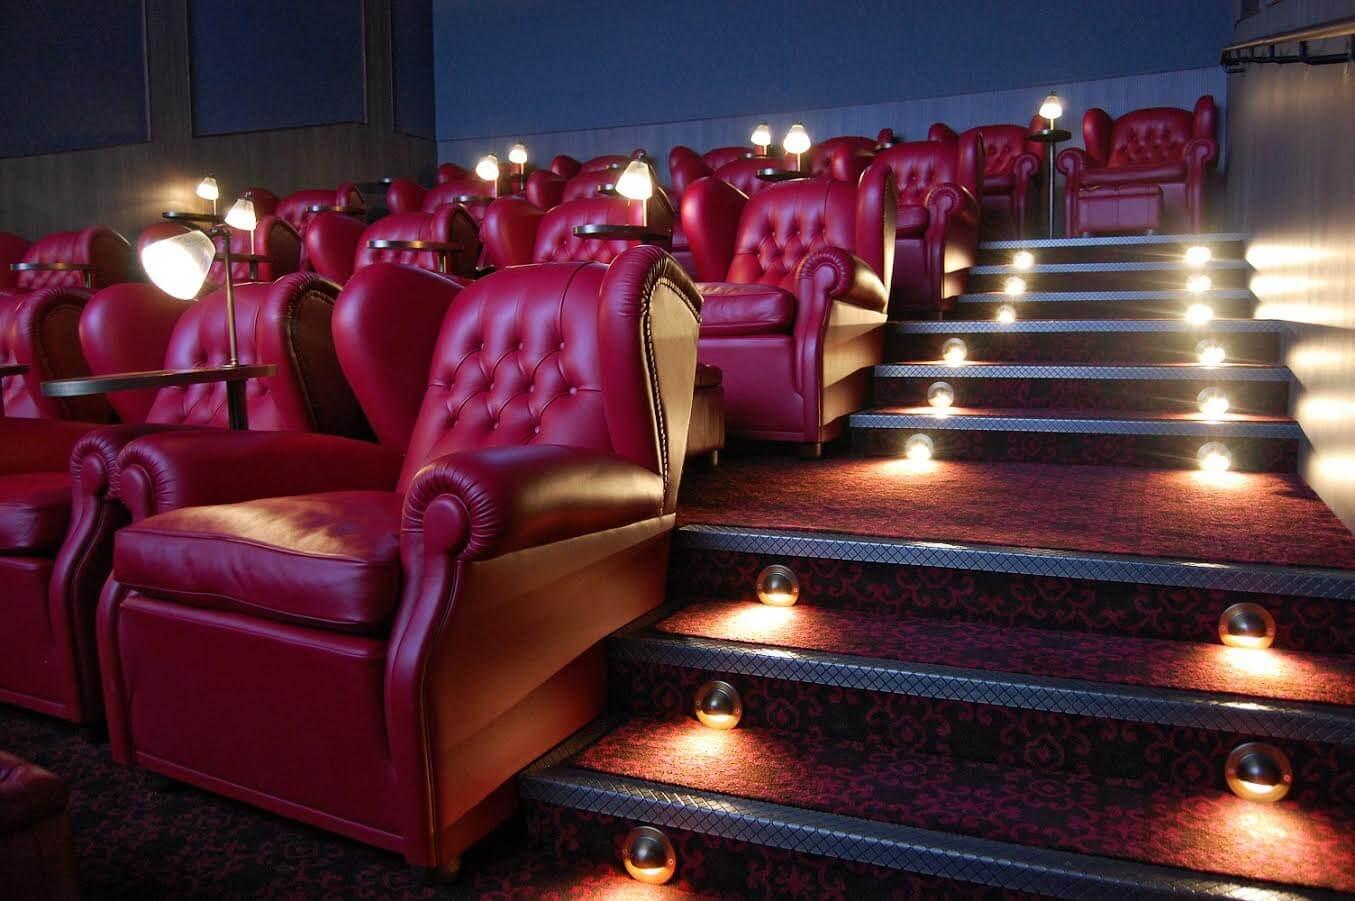 مِراس تطلق تجربة سينمائية جديدة في دبي تدعى ذا روكسي